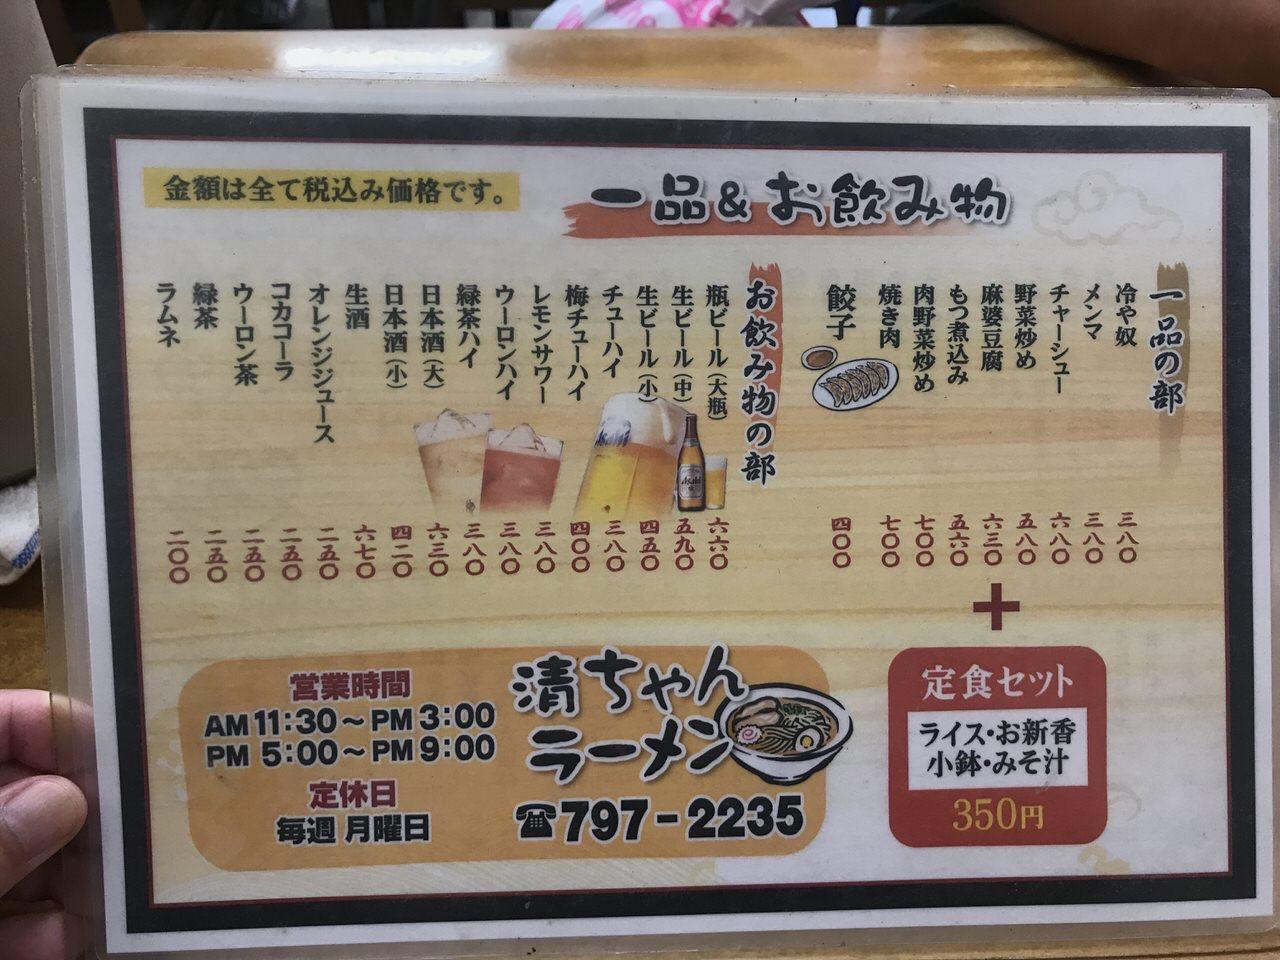 「清ちゃんラーメン」(浦和美園)5